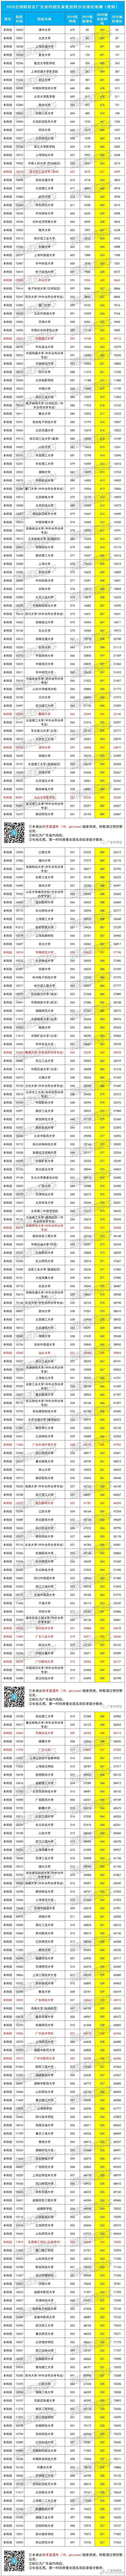 1200所高校在广东录取预估分数线汇总,按这个预测分数